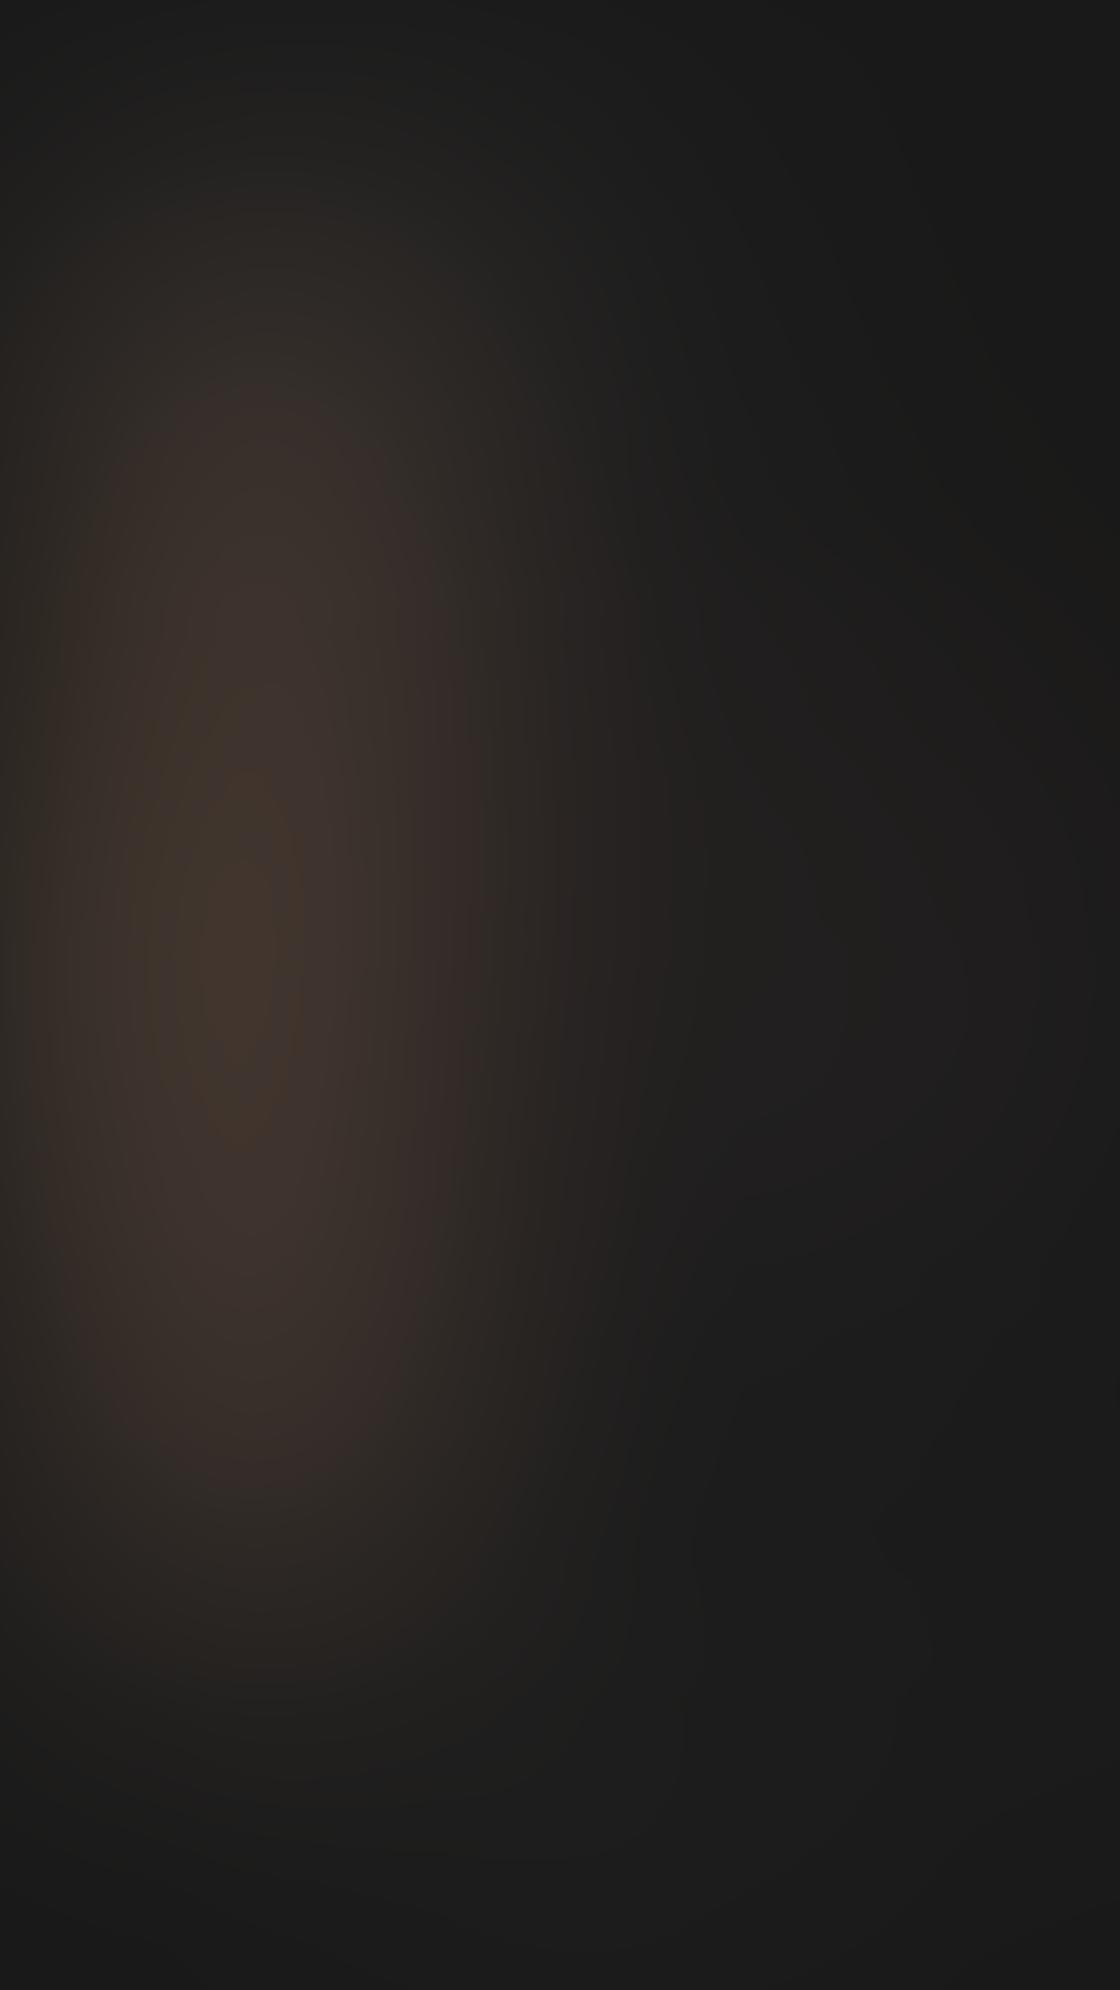 iPhone Lightroom App 13